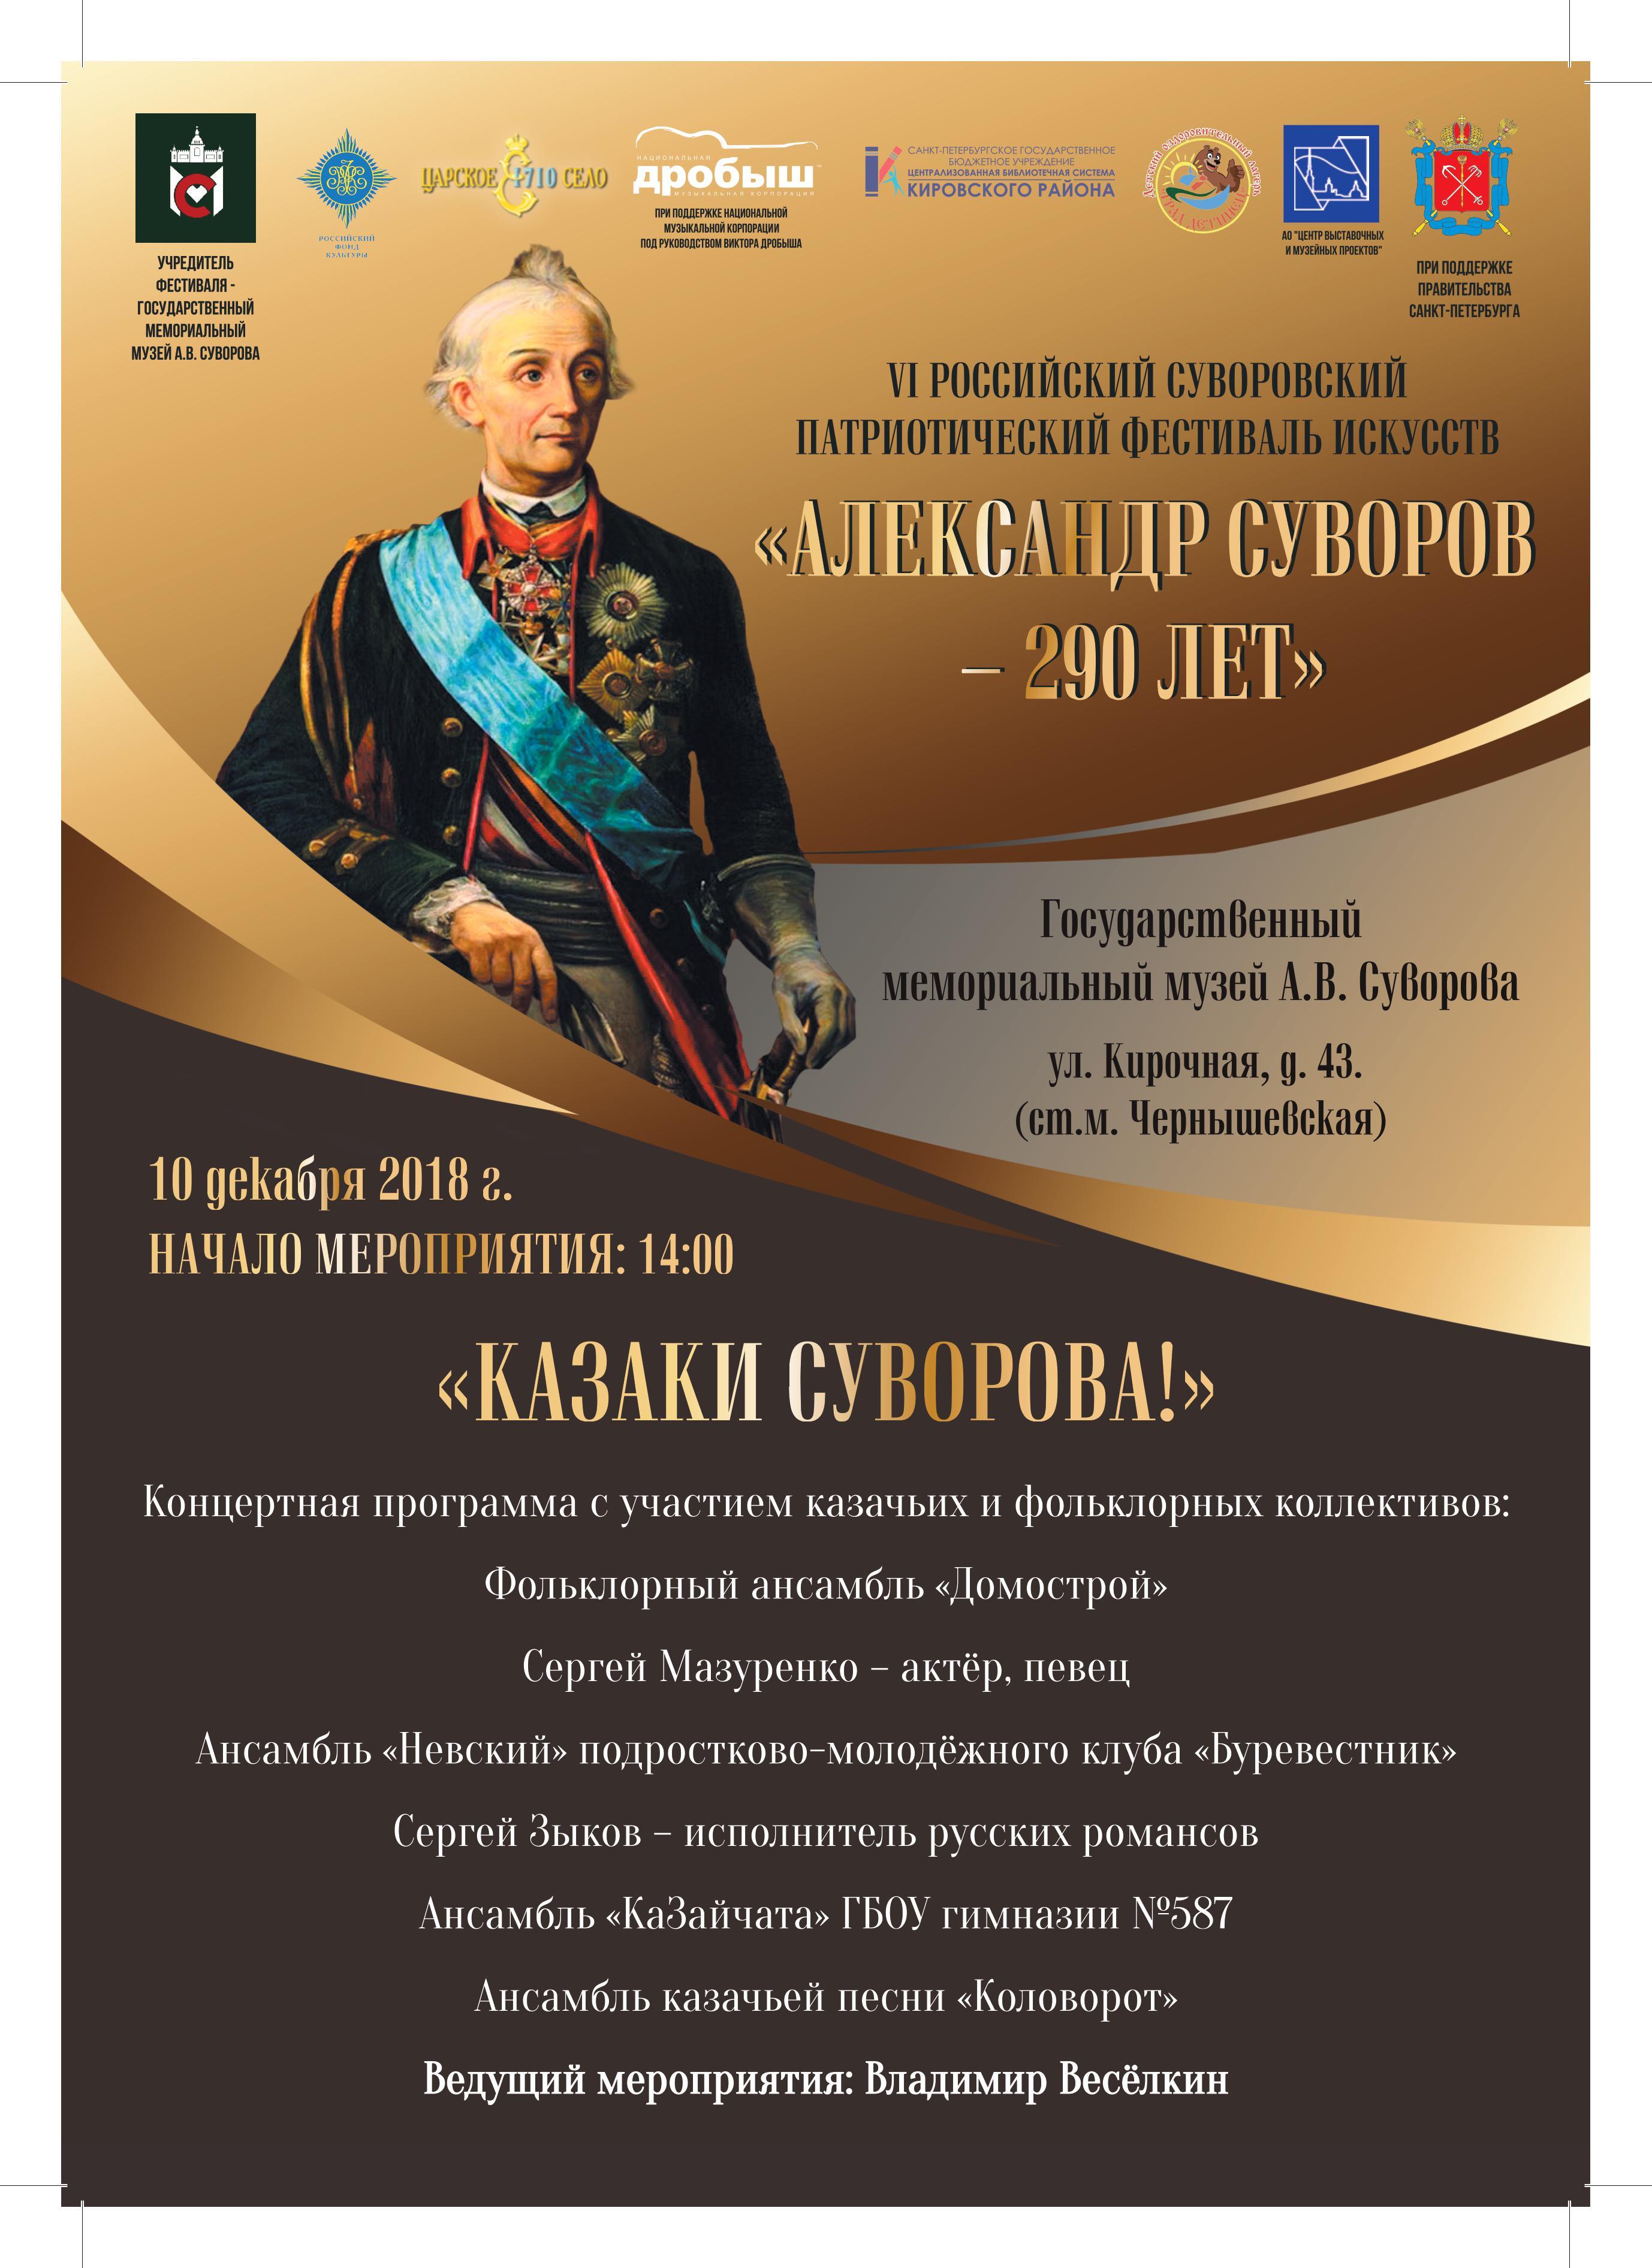 VI Российский Суворовский патриотический фестиваль искусств «Александру Суворову — 290 лет»